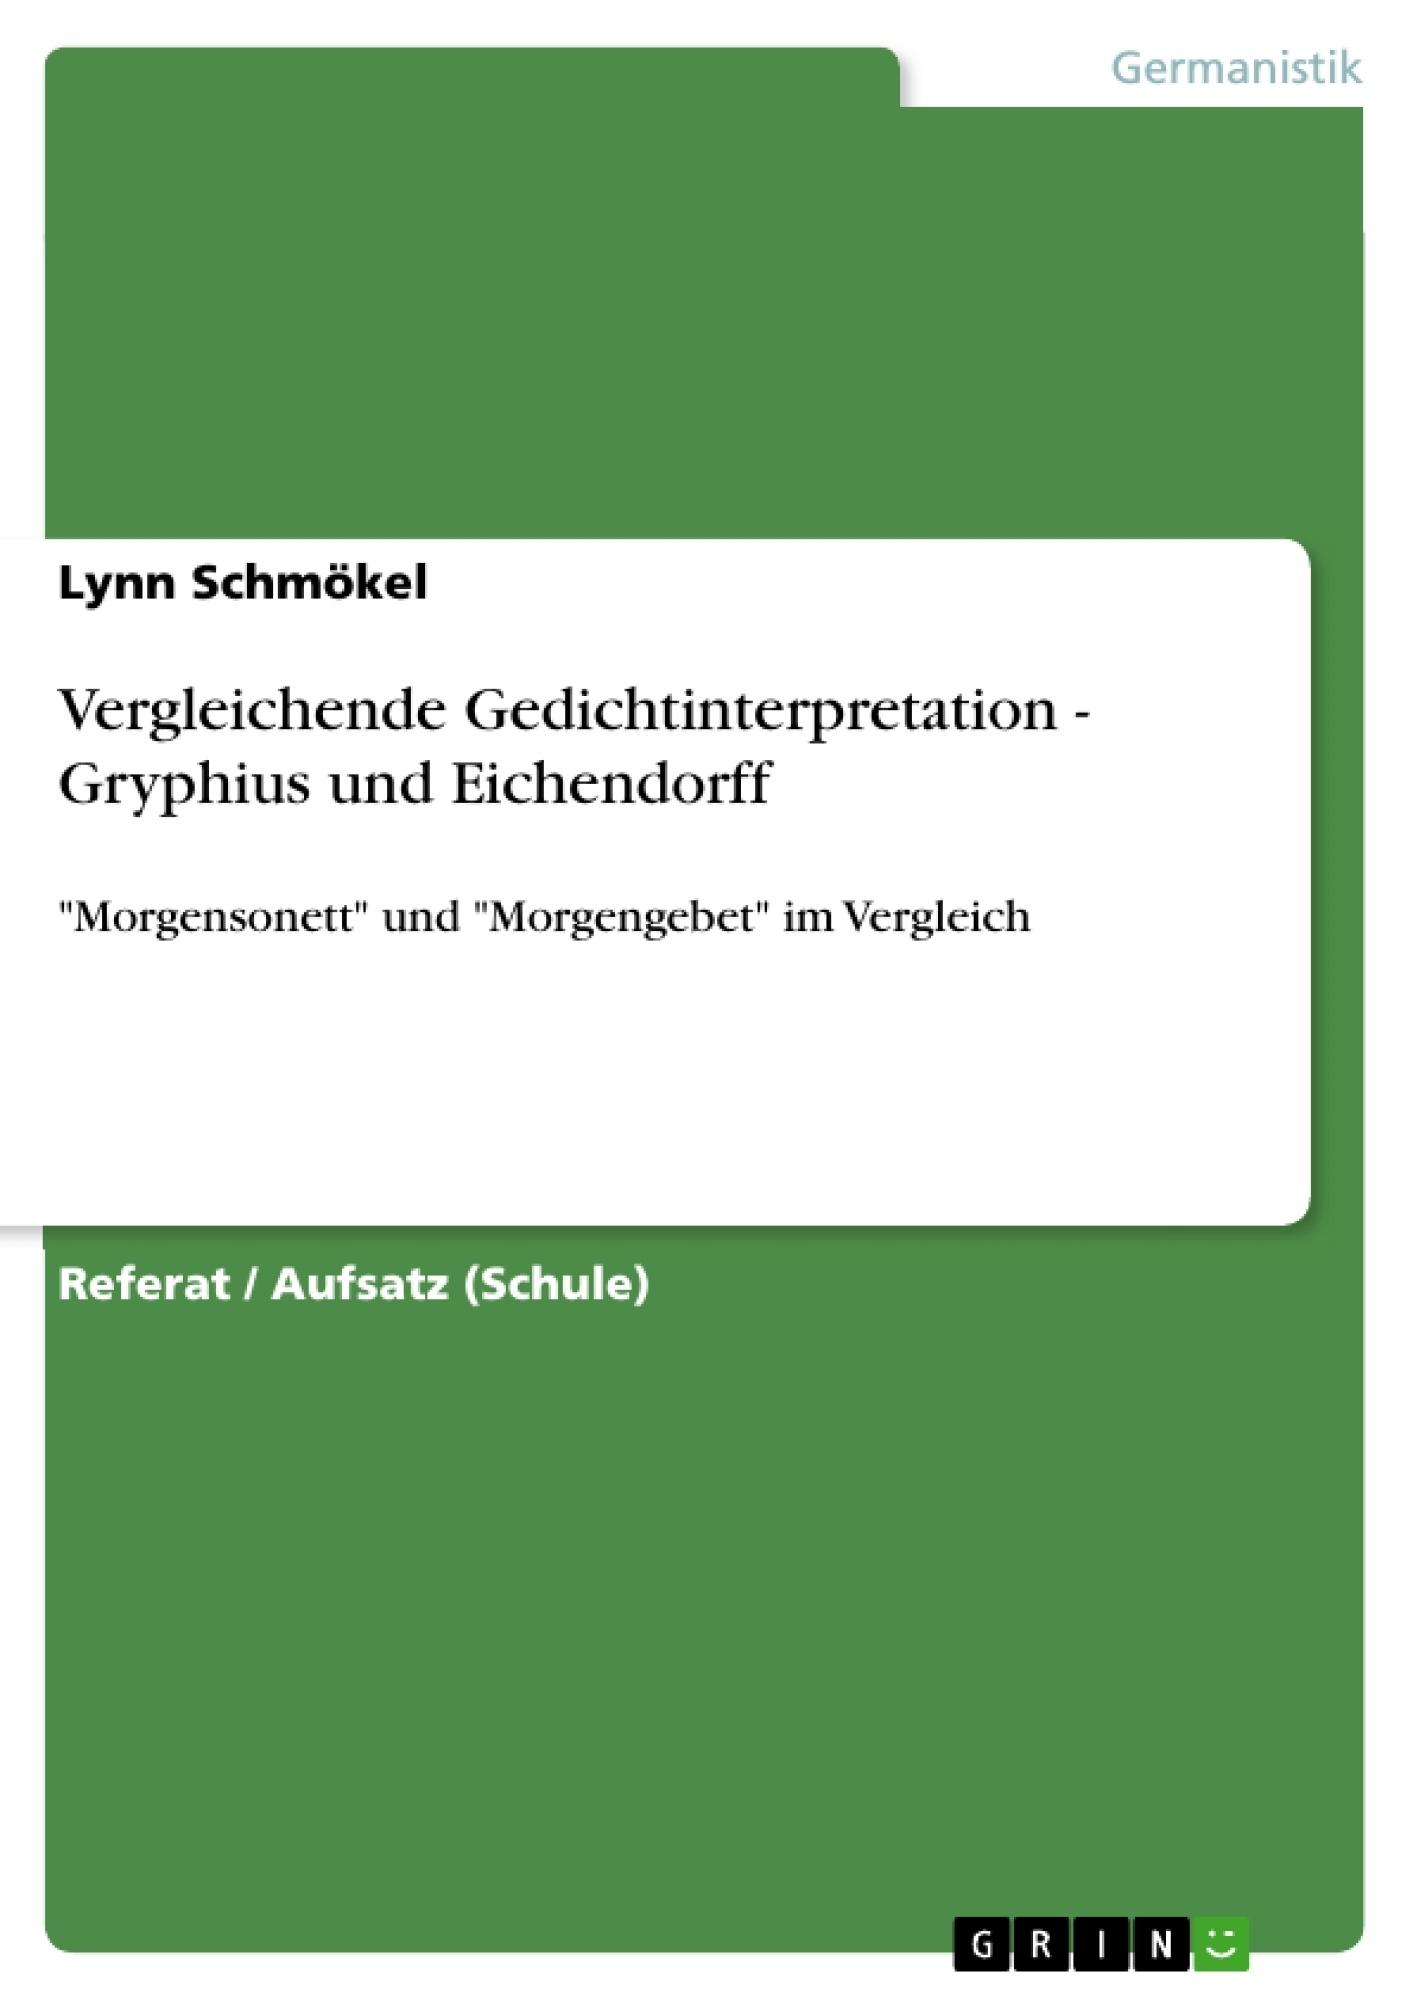 Titel: Vergleichende Gedichtinterpretation - Gryphius und Eichendorff